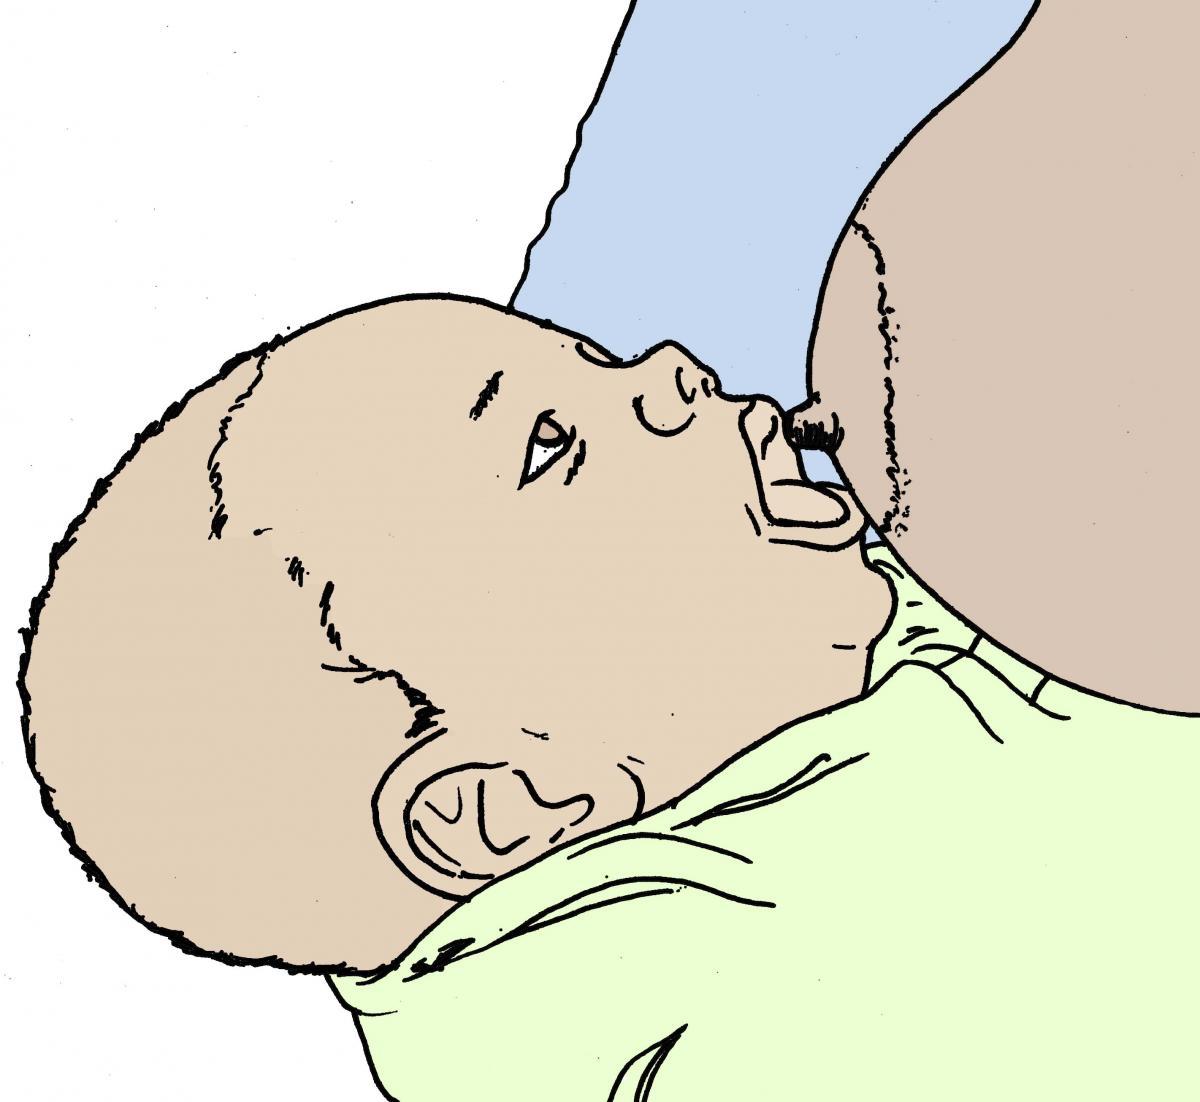 Breastfeeding - Breastfeeding pre-attachment - 05C - Non-country specific